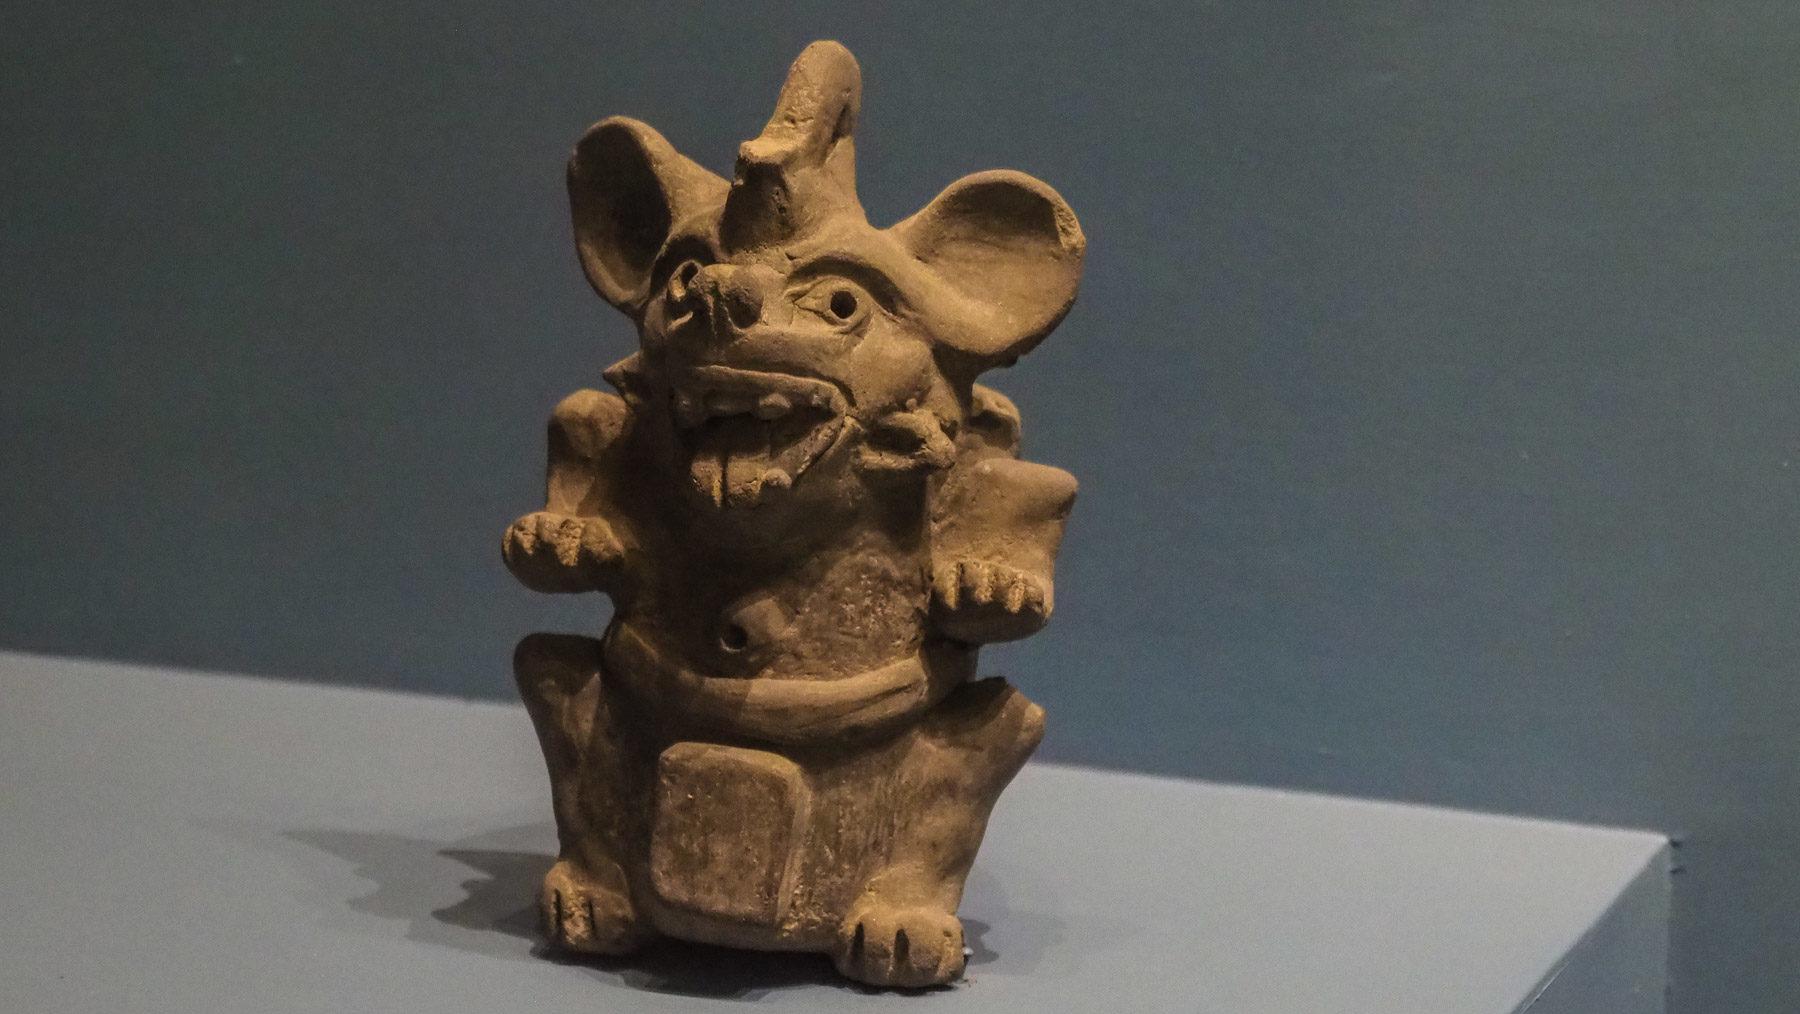 Fundstücke vom Mount Alban: Micky Mouse Dämon?